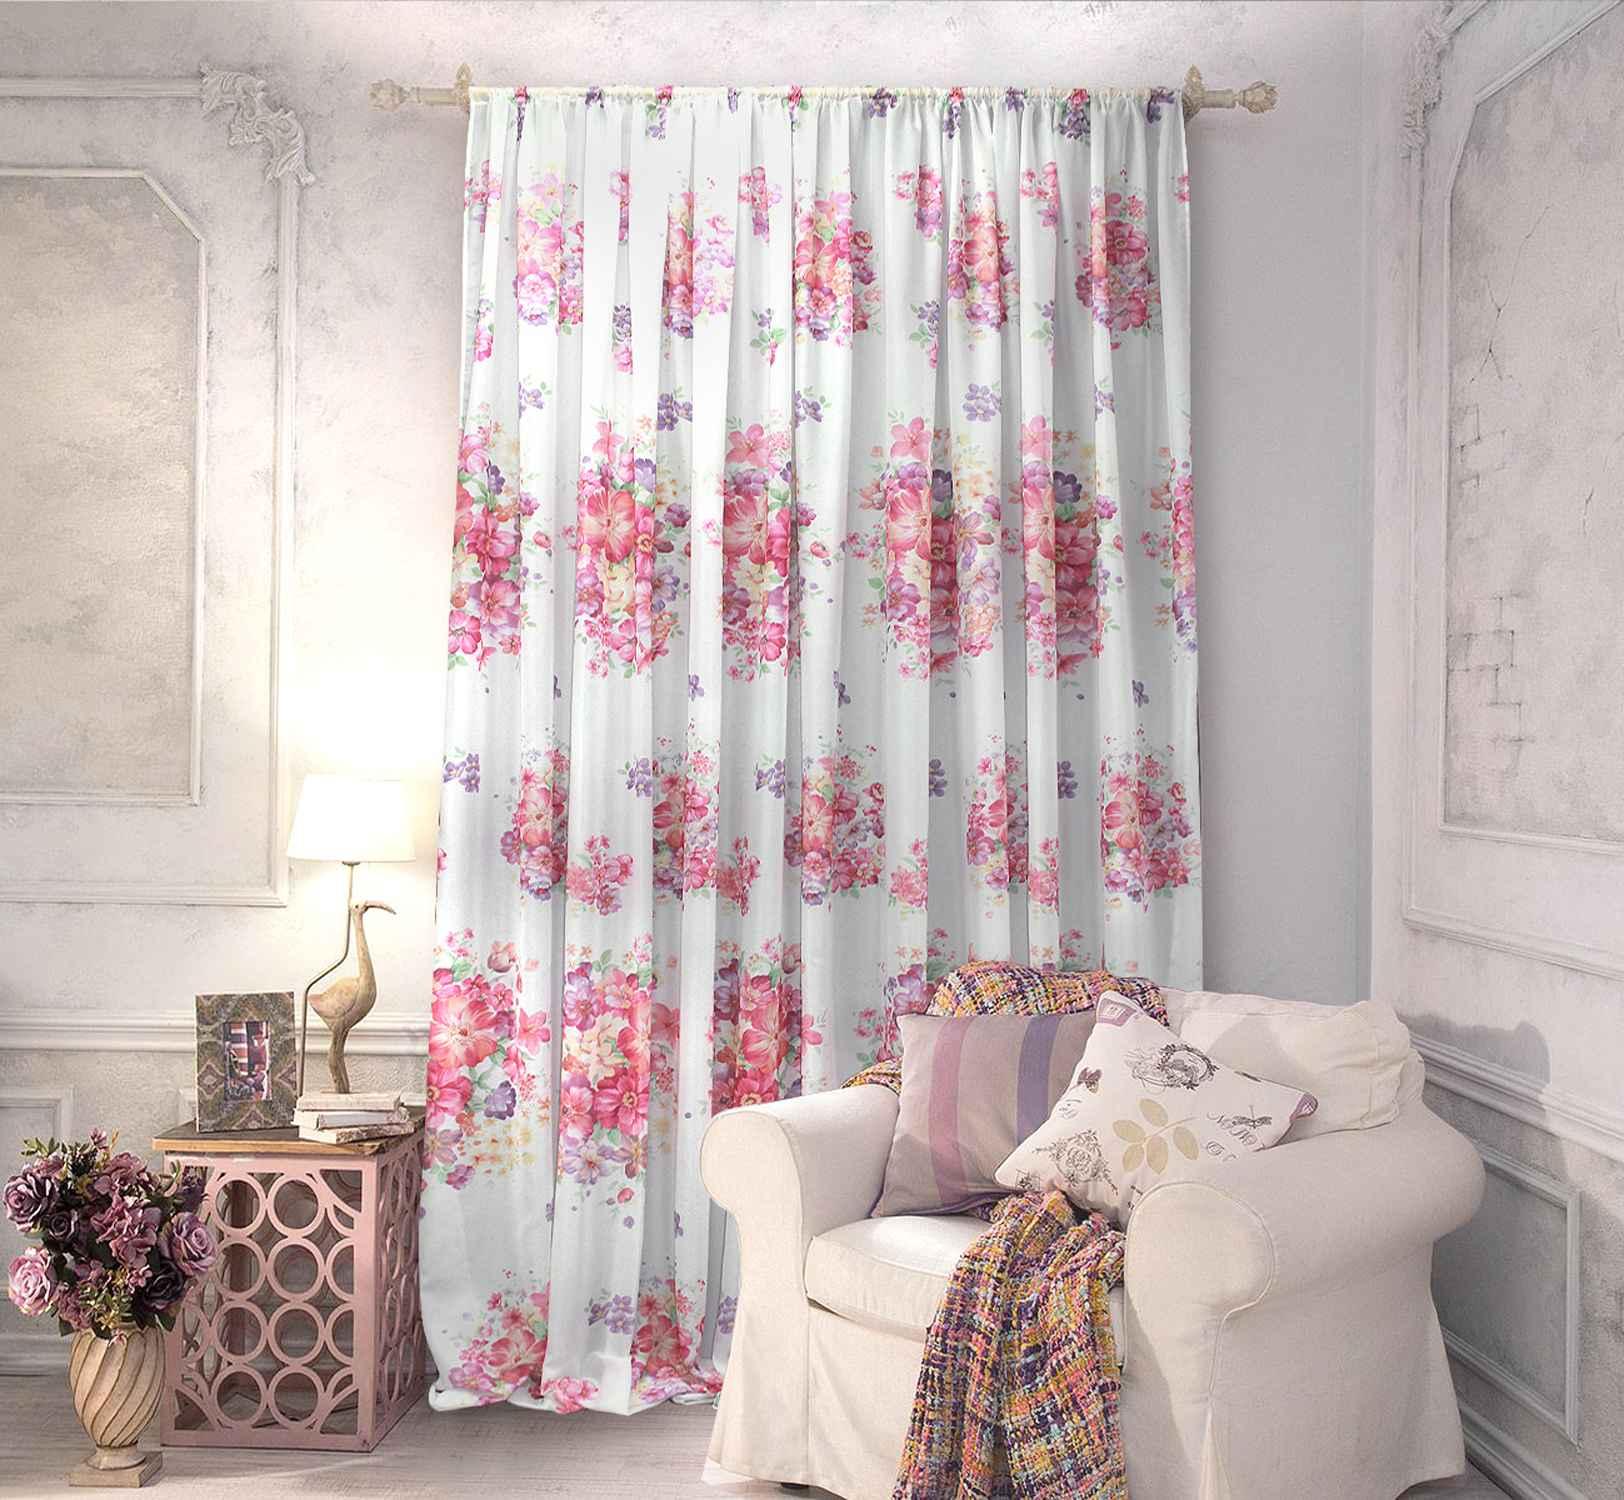 Купить Шторы Amore Mio, Классические шторы Silk Pech Цвет: Розовый, Россия, Вуаль